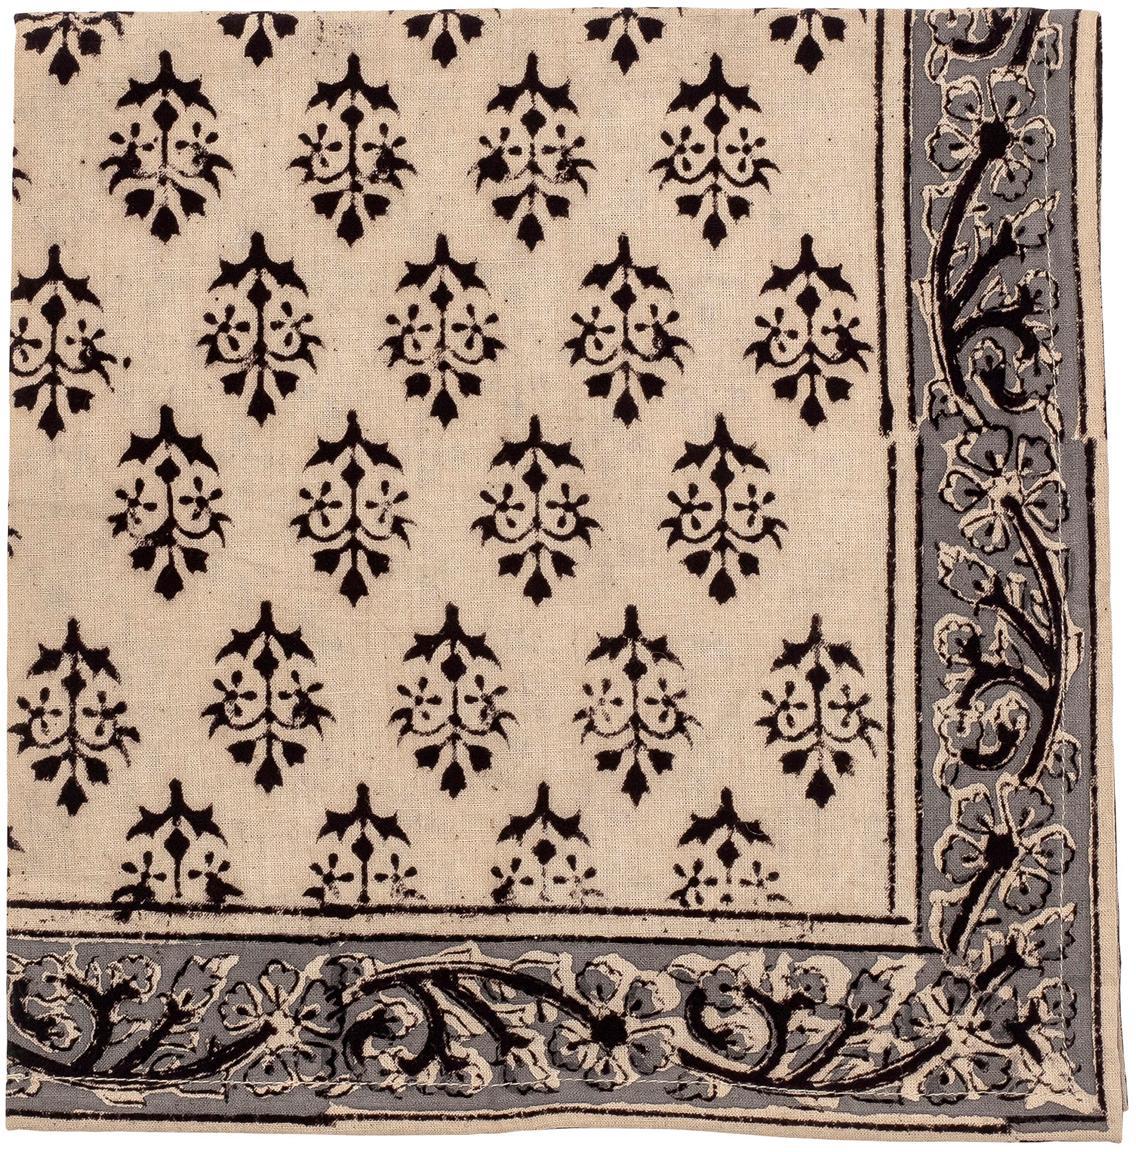 Baumwoll-Servietten Kira, 4 Stück, Baumwolle, Beige, Schwarz, 50 x 50 cm